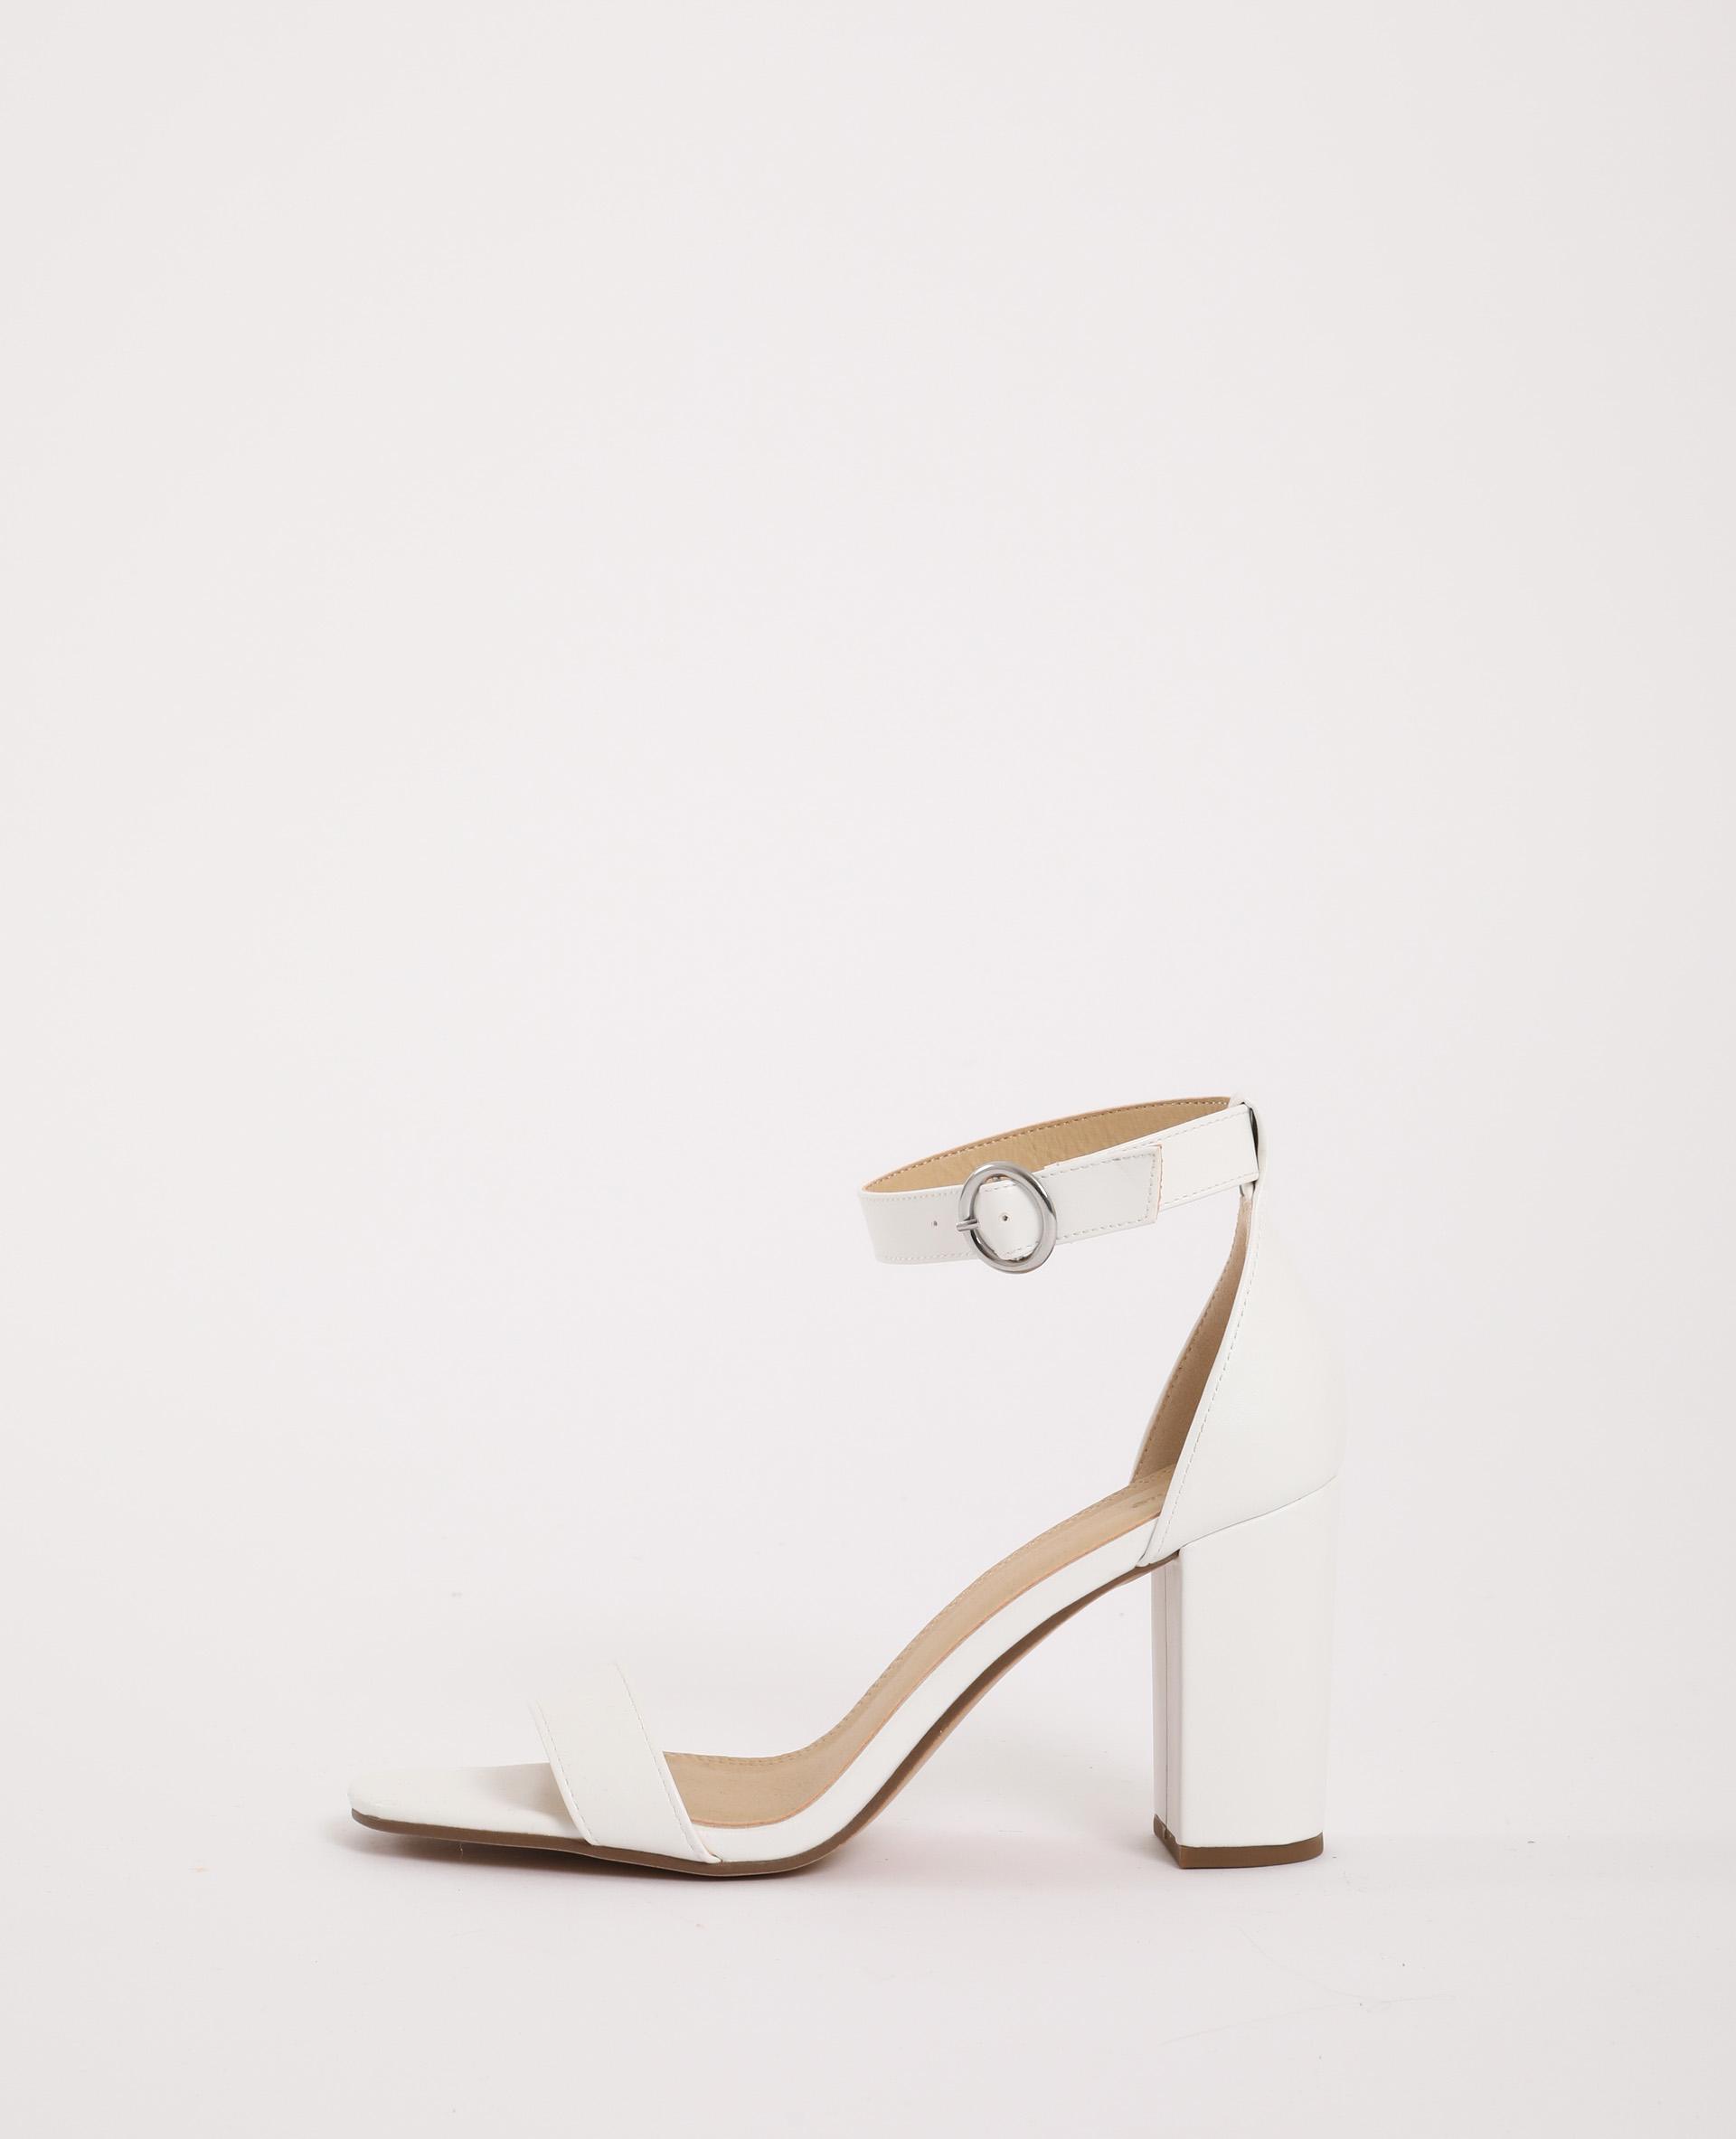 Sandales à talons hauts écru - Pimkie